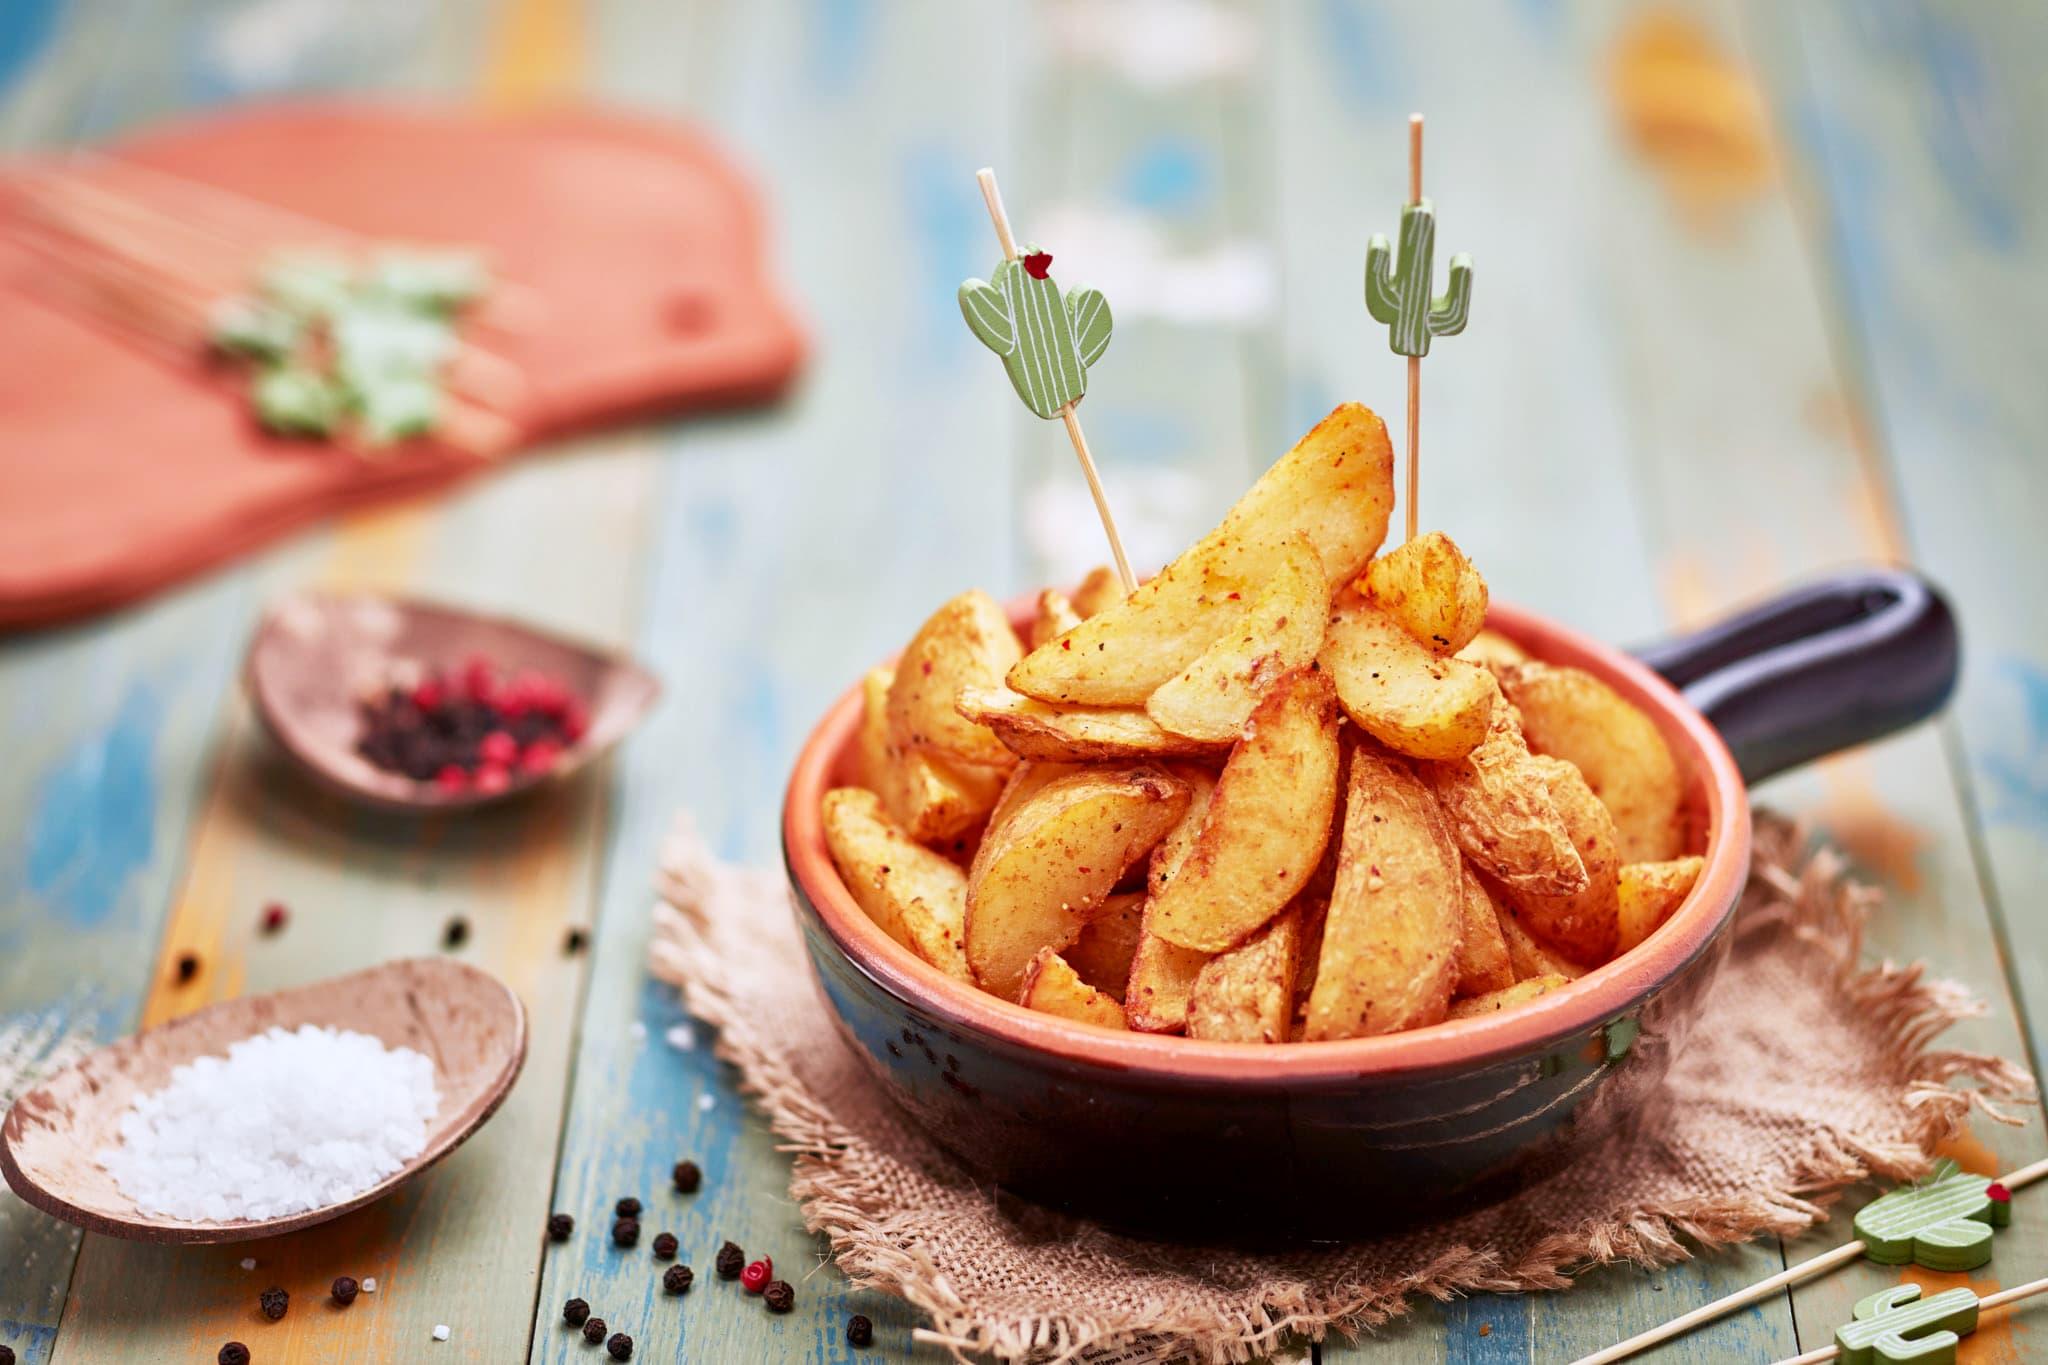 Fotografia food advertising commerciale e editoriale con food styling di prodotti alimentari surgelati patate fritte su fondo di legno dipinto a mano milano lombardia veneto trieste udine